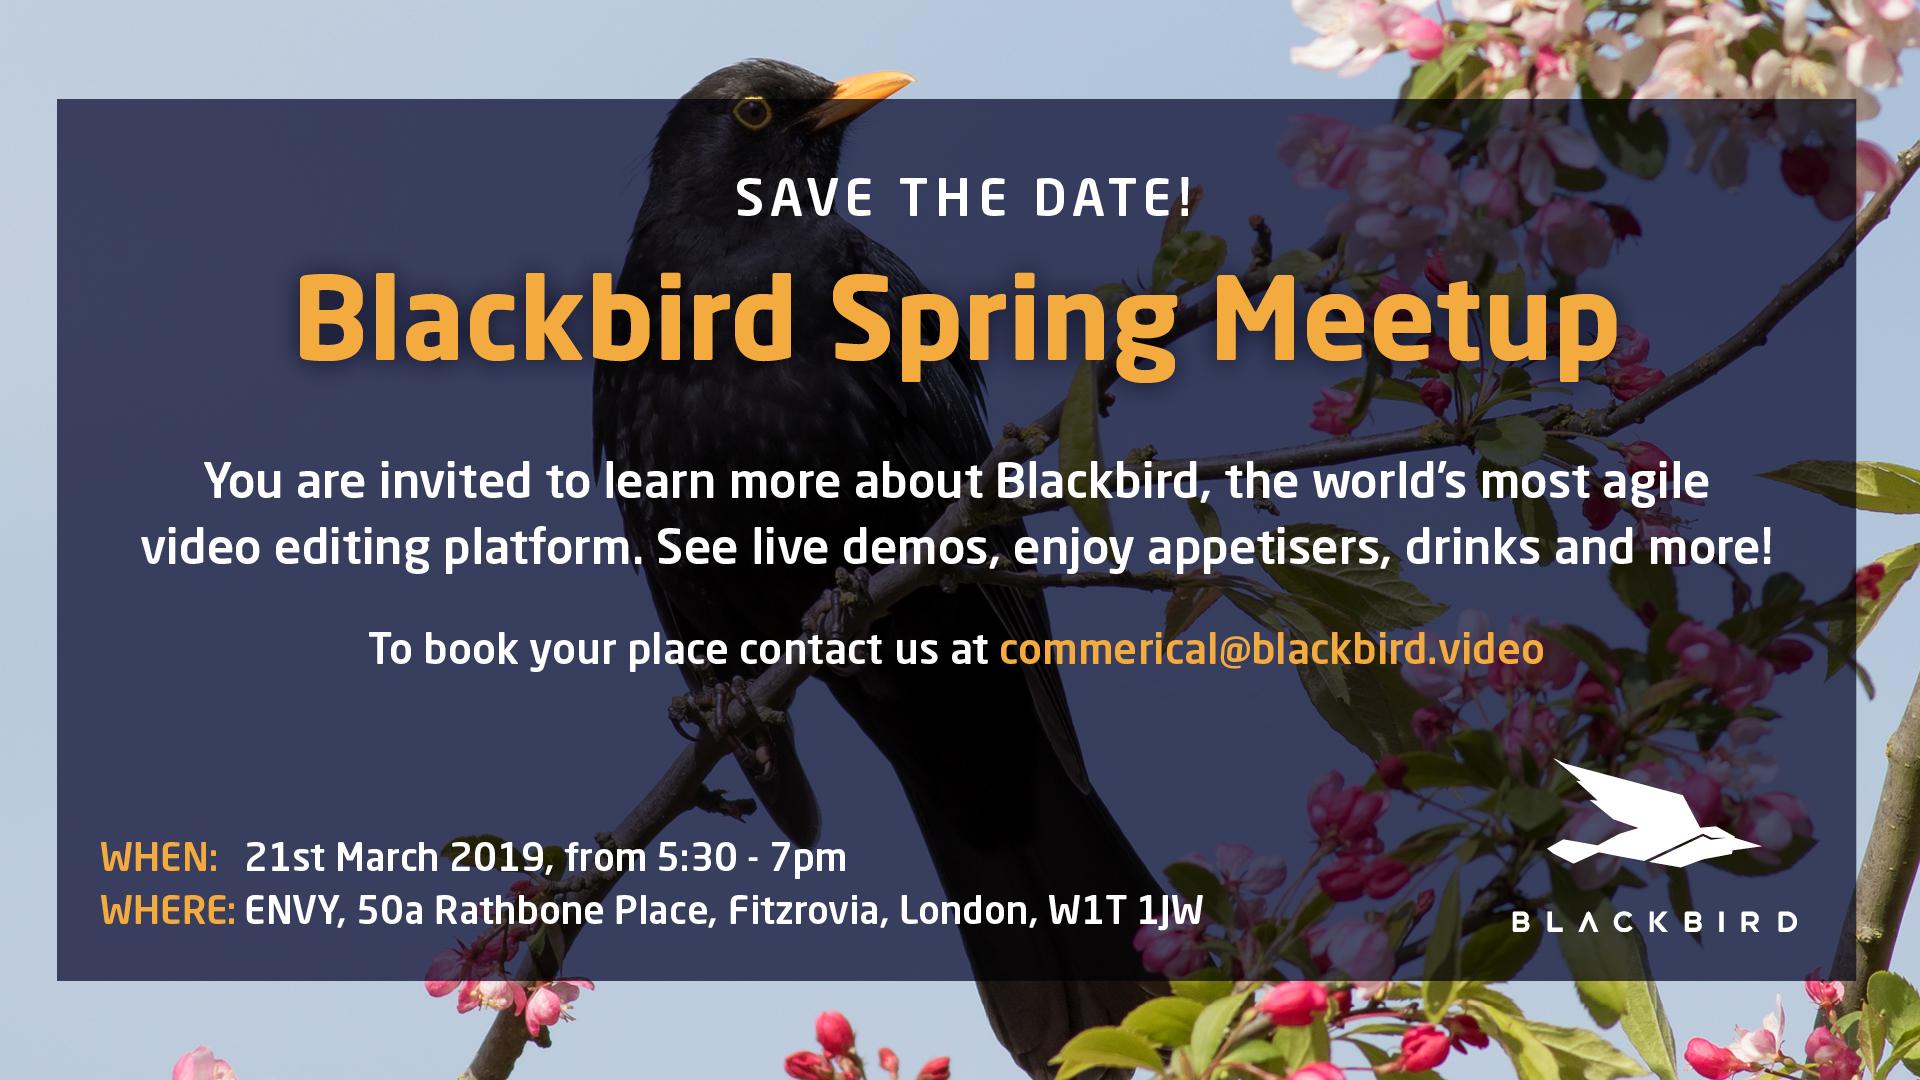 Blackbird Spring Meetup 2019